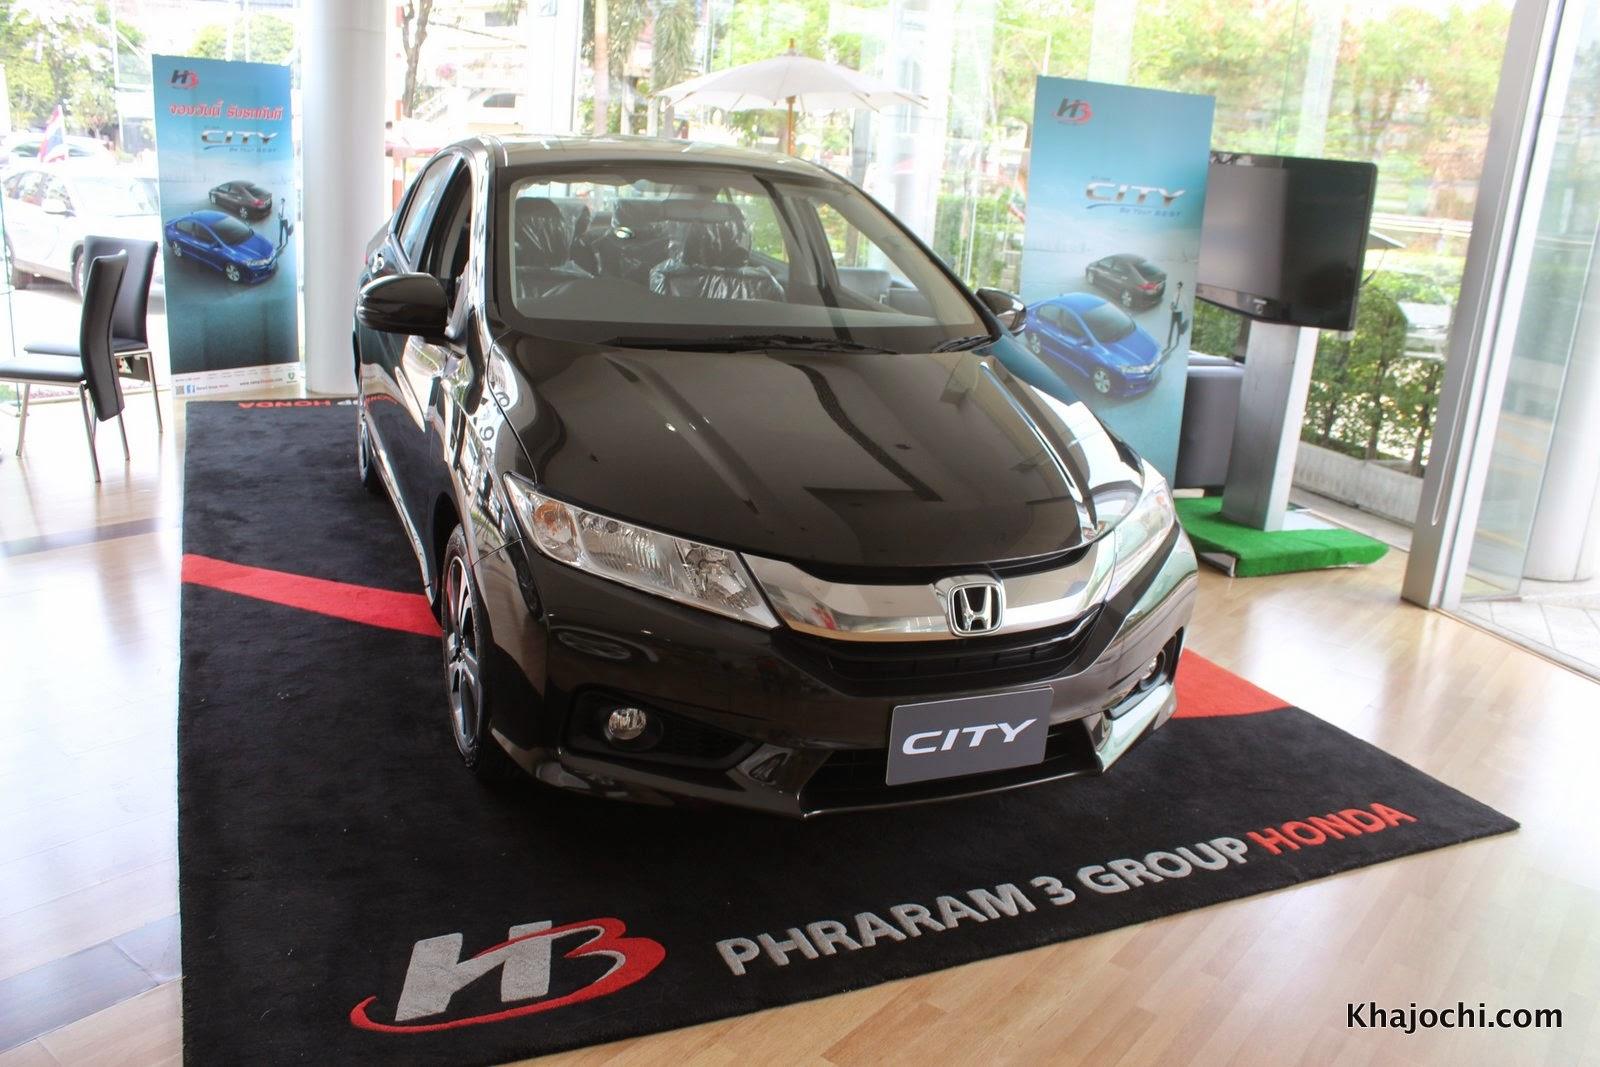 รีวิว: honda city 2014 รถรุ่นเล็กที่ไฮเทคขั้นสุดยอด